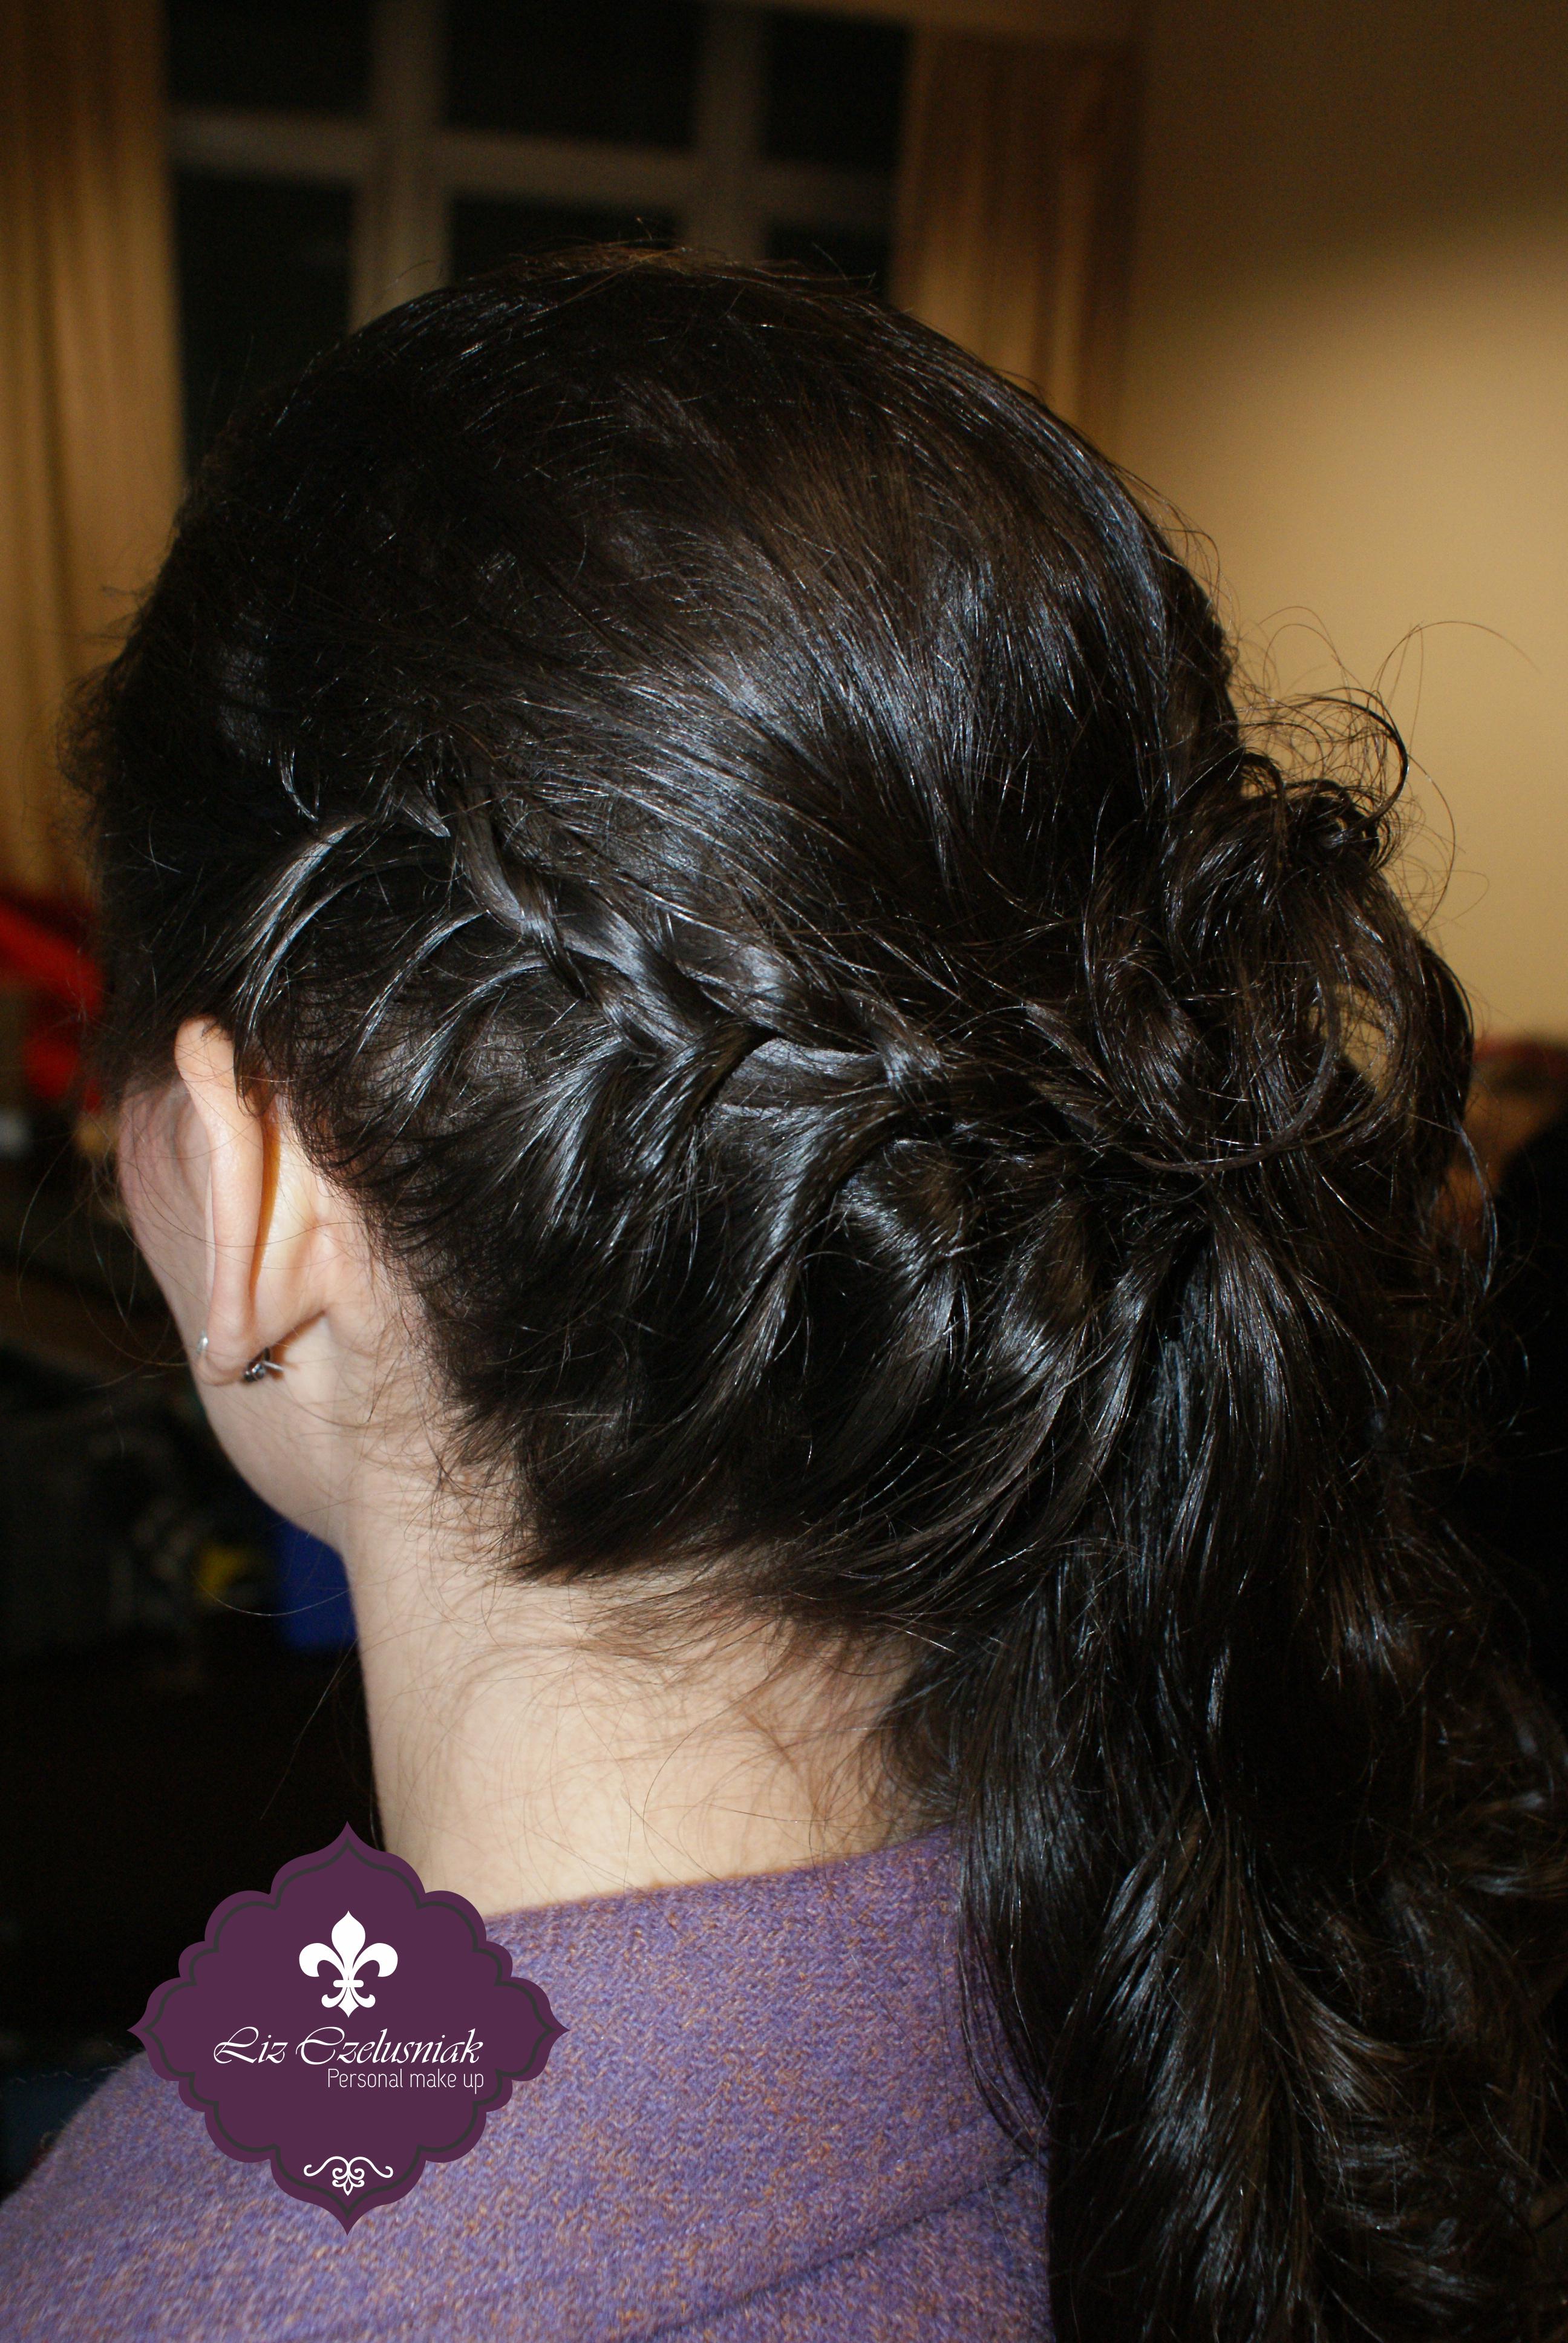 Hair by Liz Czelusniak Semi-preso# trançado lateral#Penteado#Formatura#by#LizCzelusniak maquiador(a) cabeleireiro(a) designer de sobrancelhas